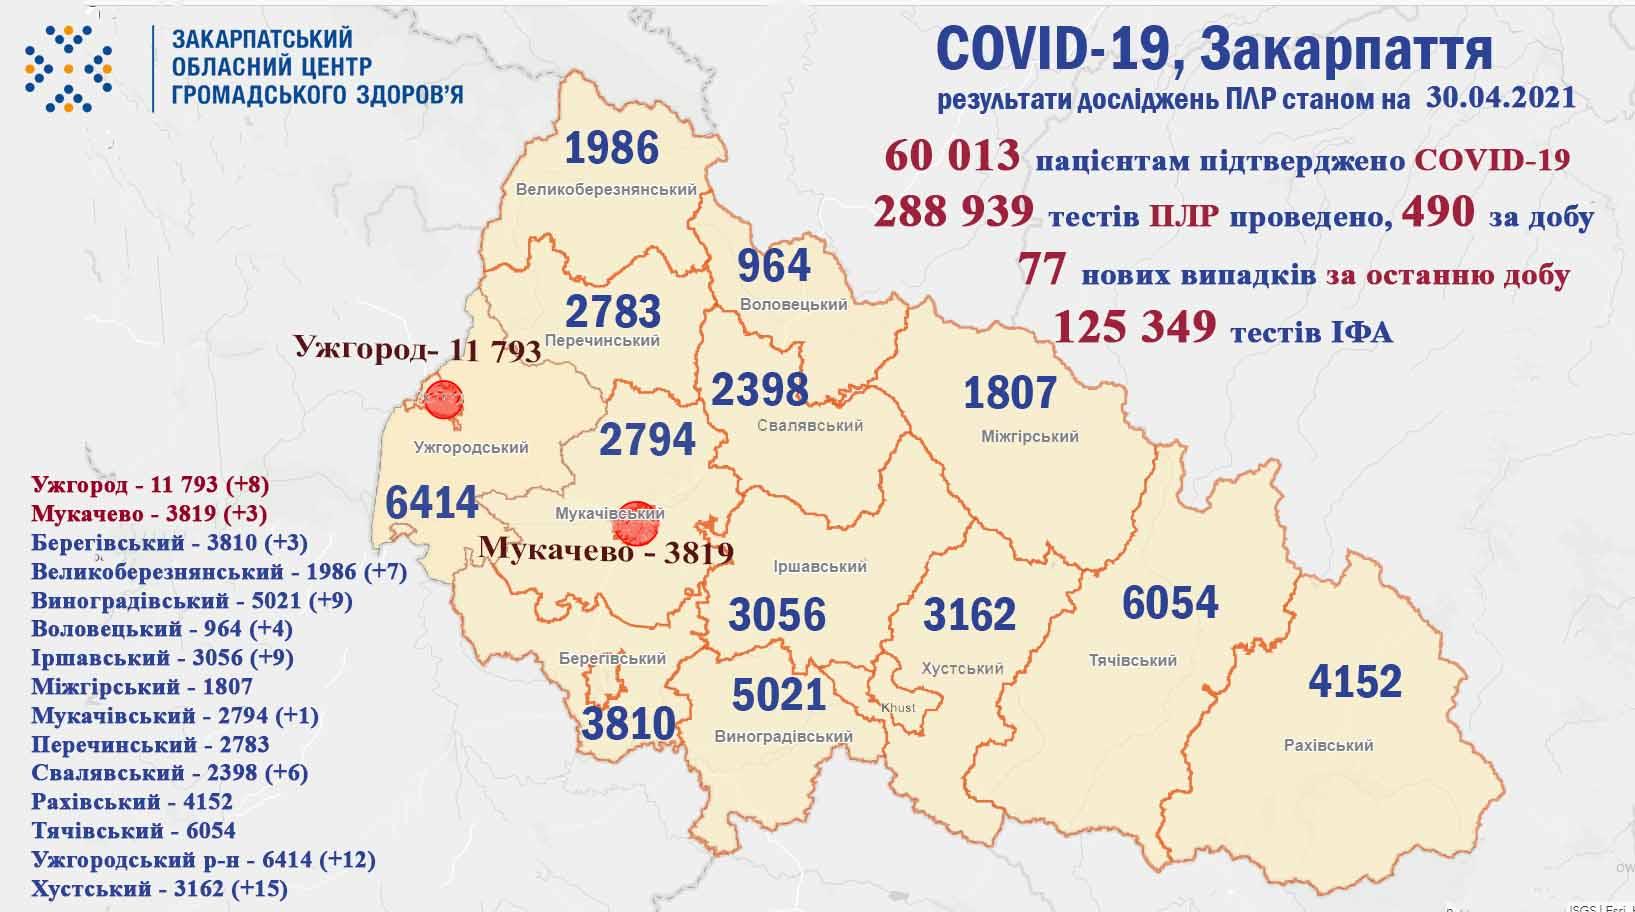 На Закарпатті протягом доби виявили 77 випадків COVID-19